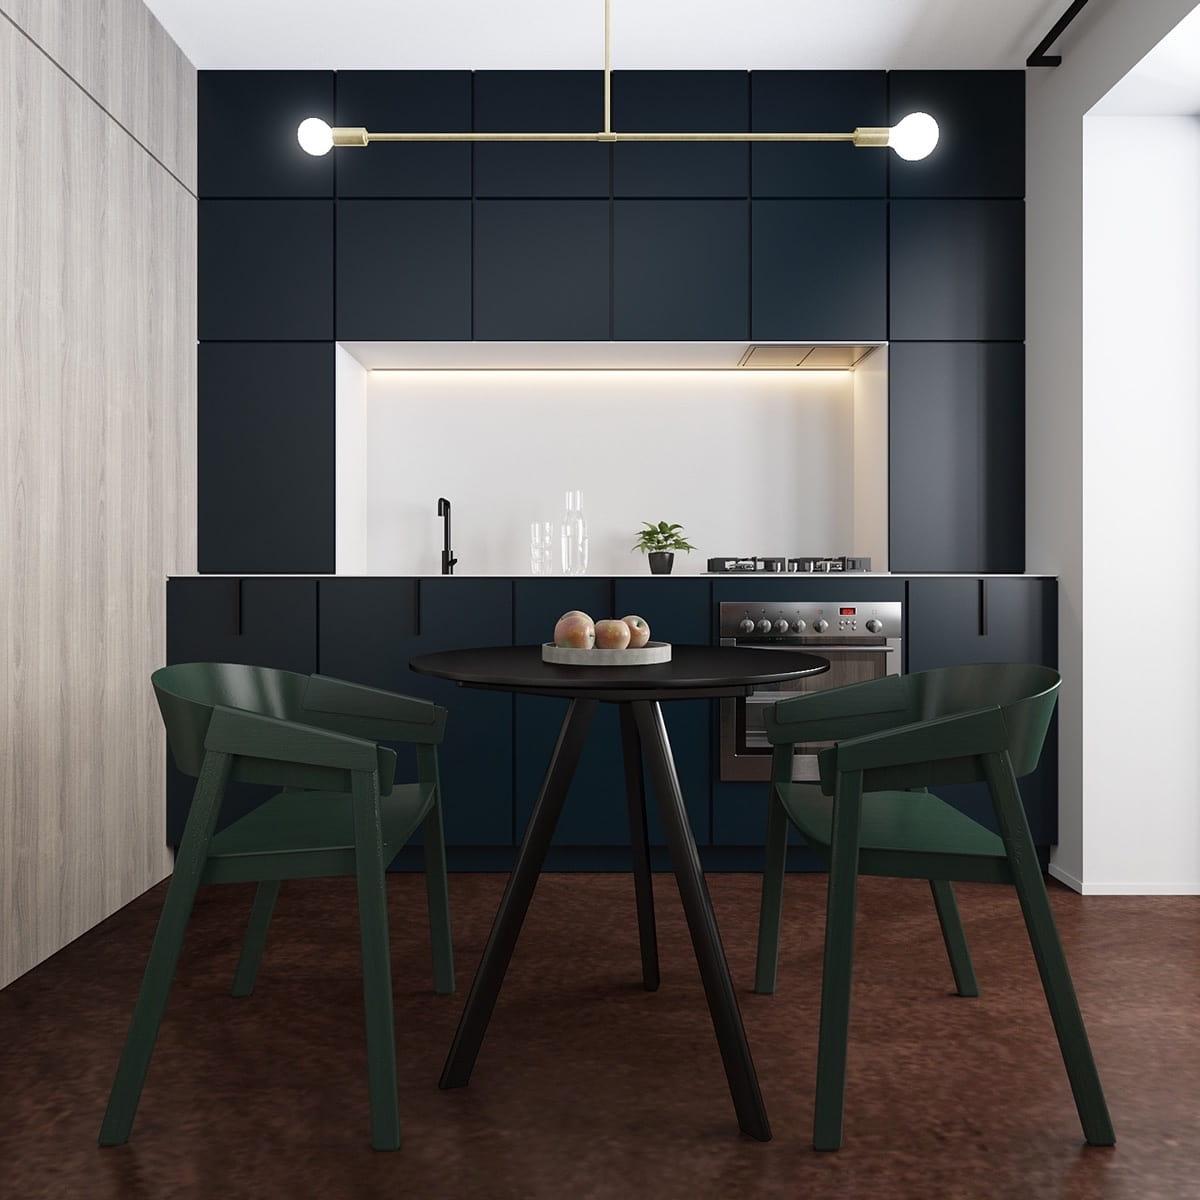 Стильная черная кухня в минималистическом стиле